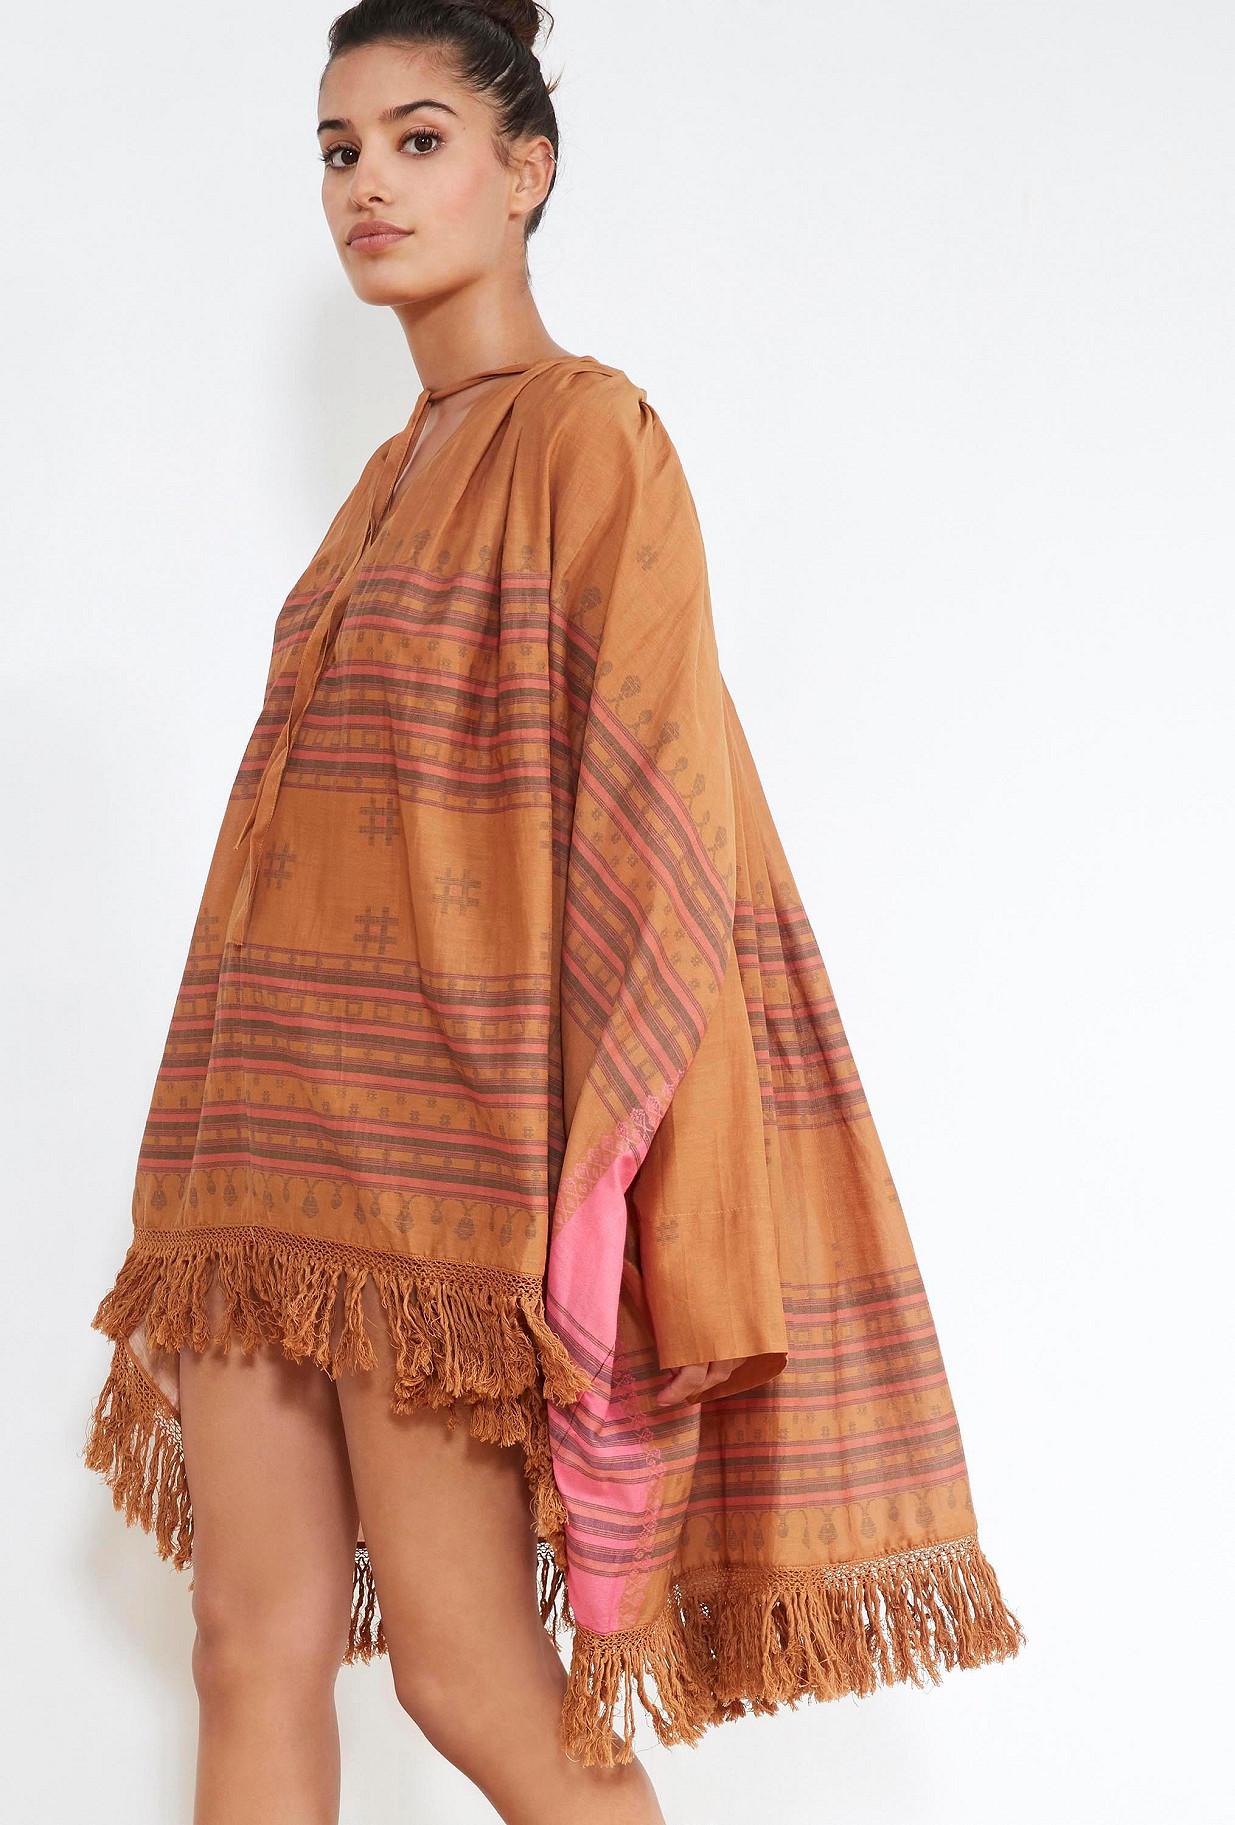 BLOUSE  Sangria Mes demoiselles fashion clothes designer Paris